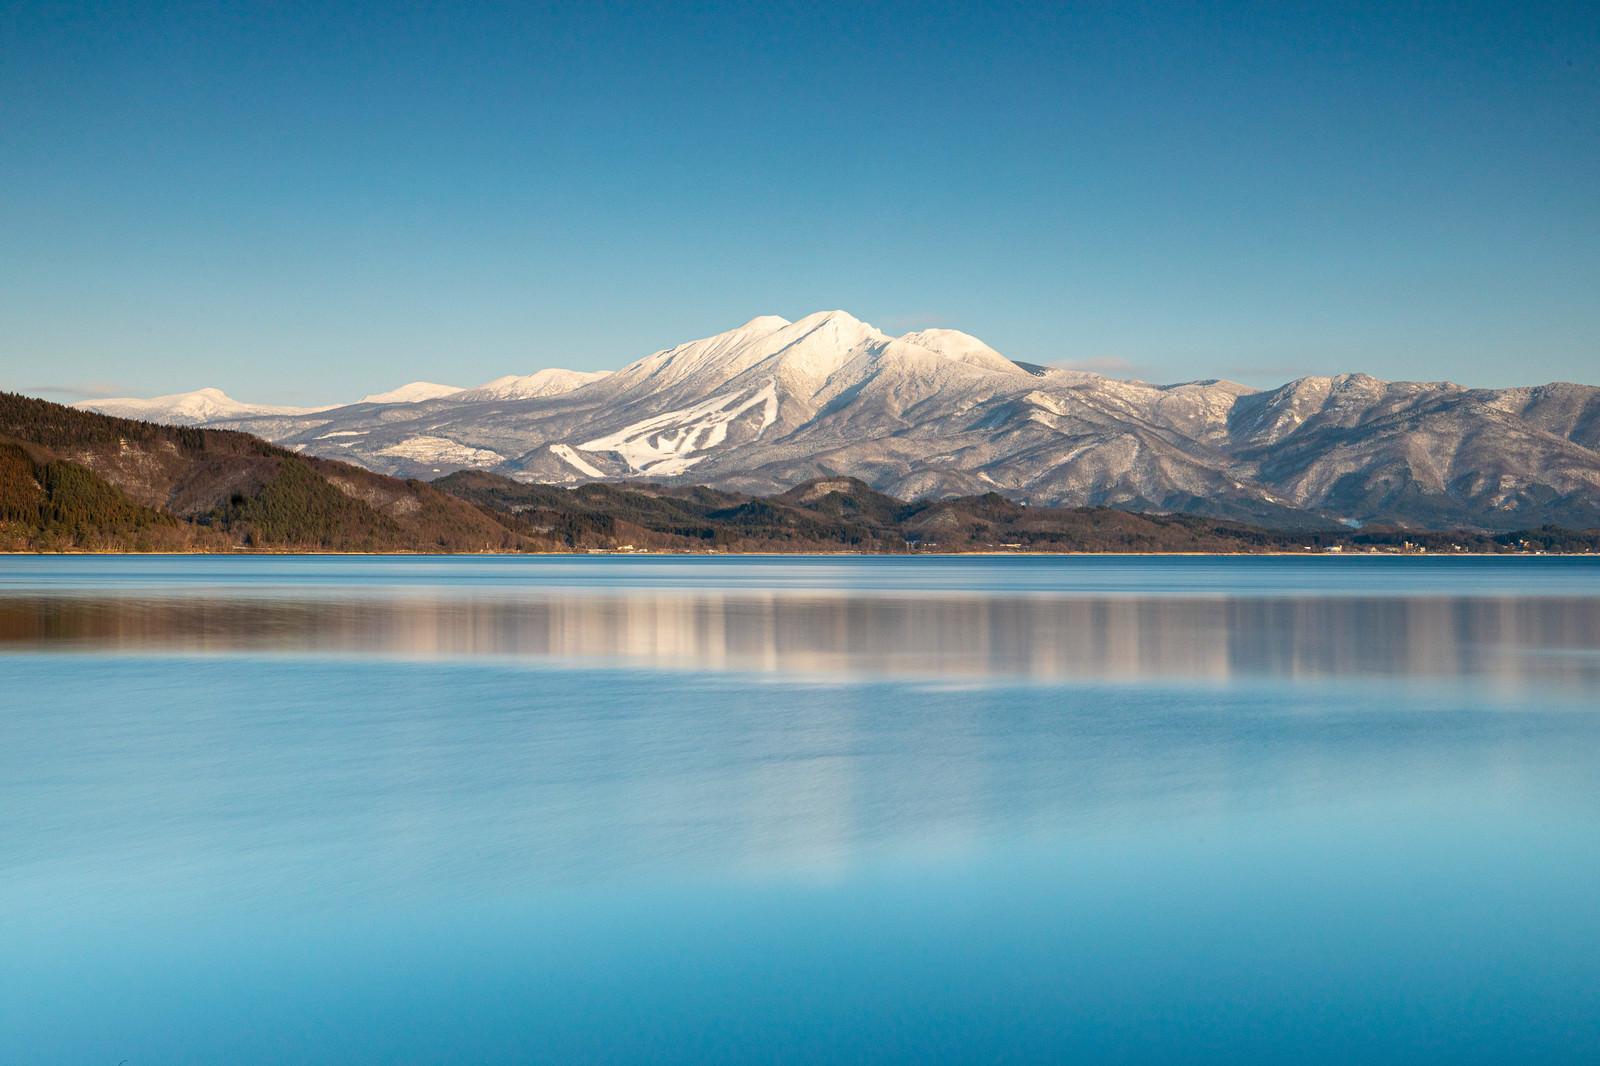 「雪化粧の秋田駒ケ岳と田沢湖(秋田県仙北市)」の写真